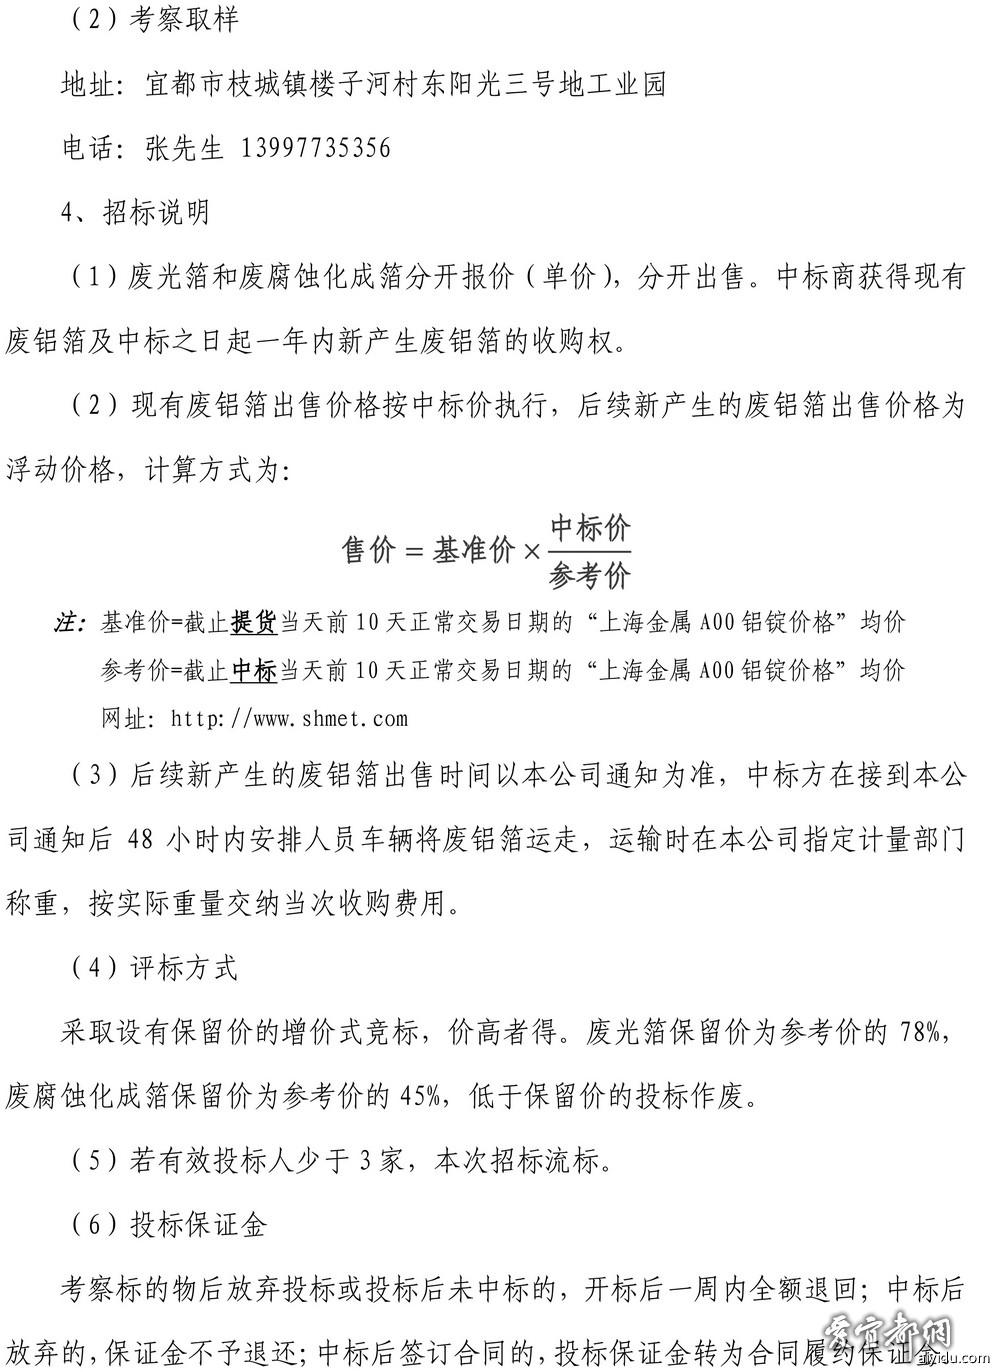 宜都市东阳光实业发展有限公司招标公告-2.jpg